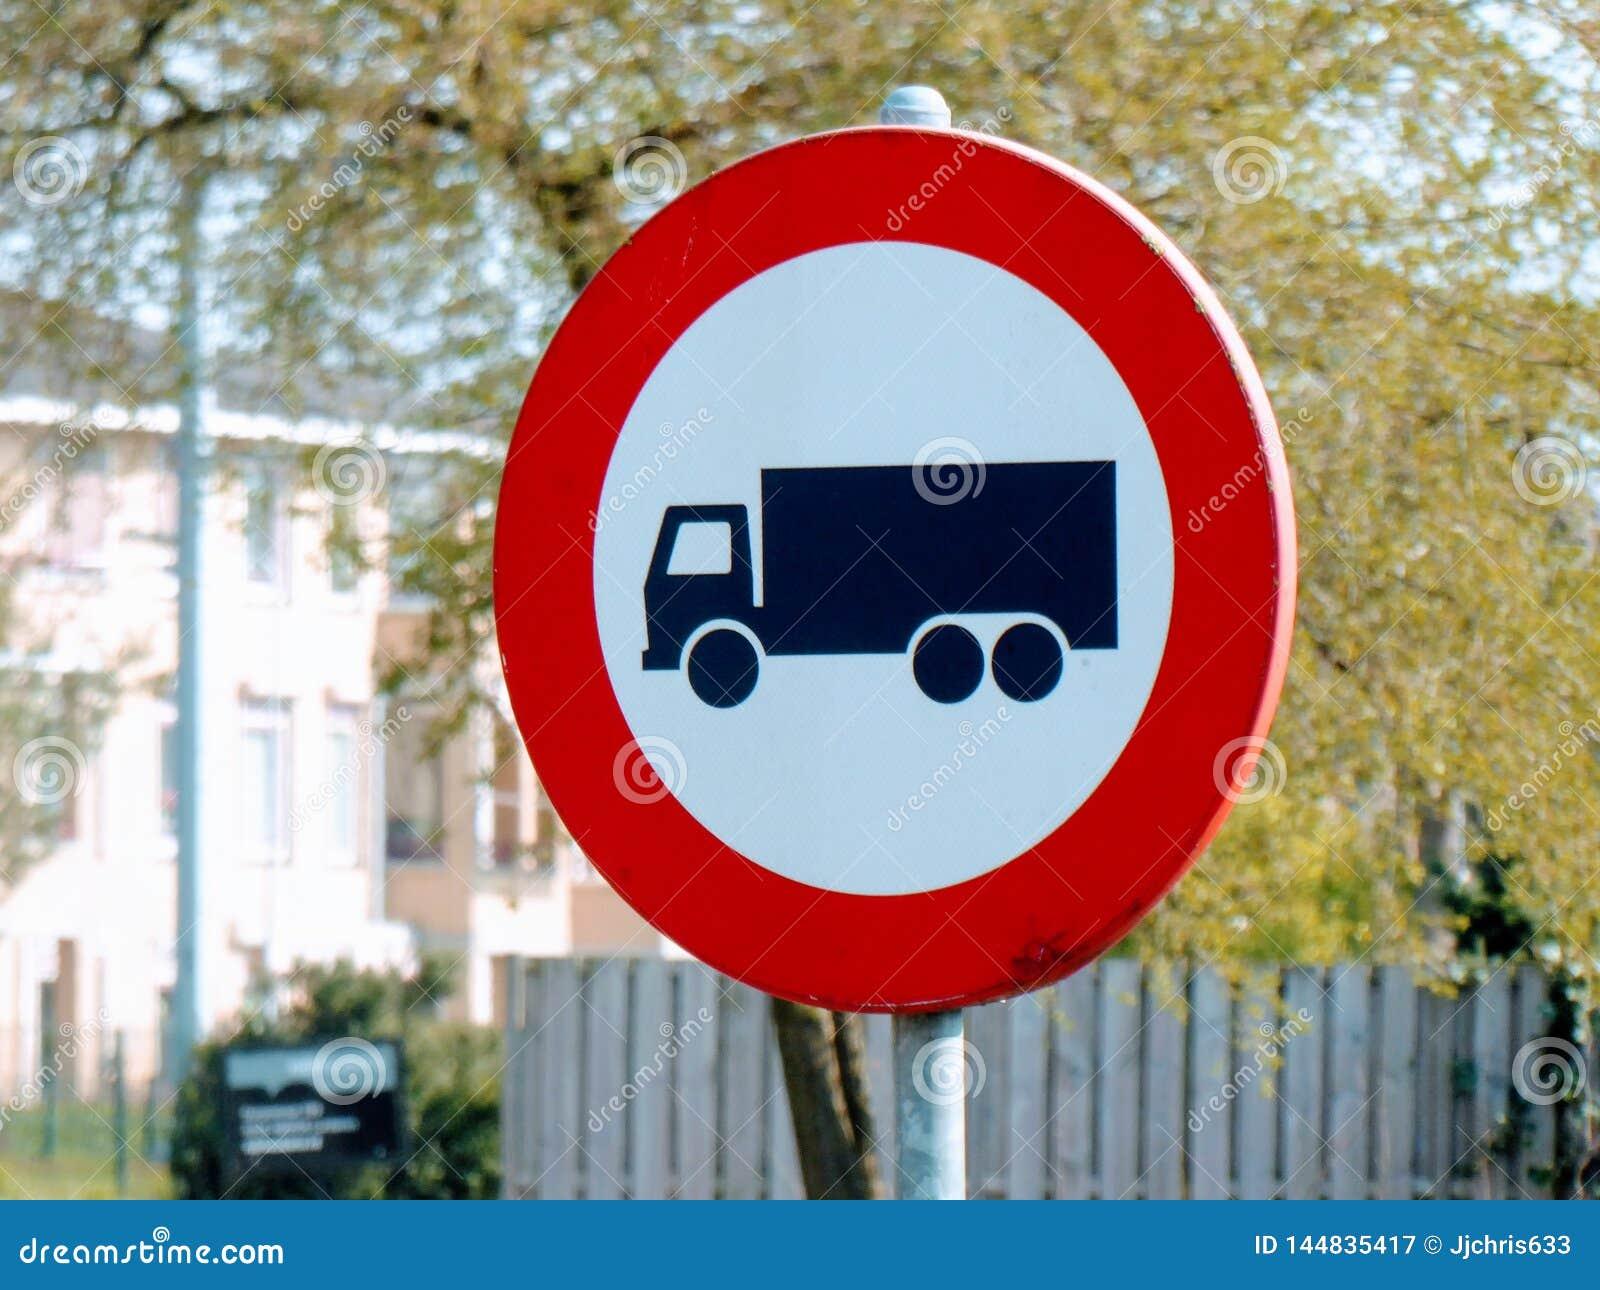 Κανένα φορτηγό, βαριά κυκλοφορία που επιτρέπεται Ολλανδικό σημάδι